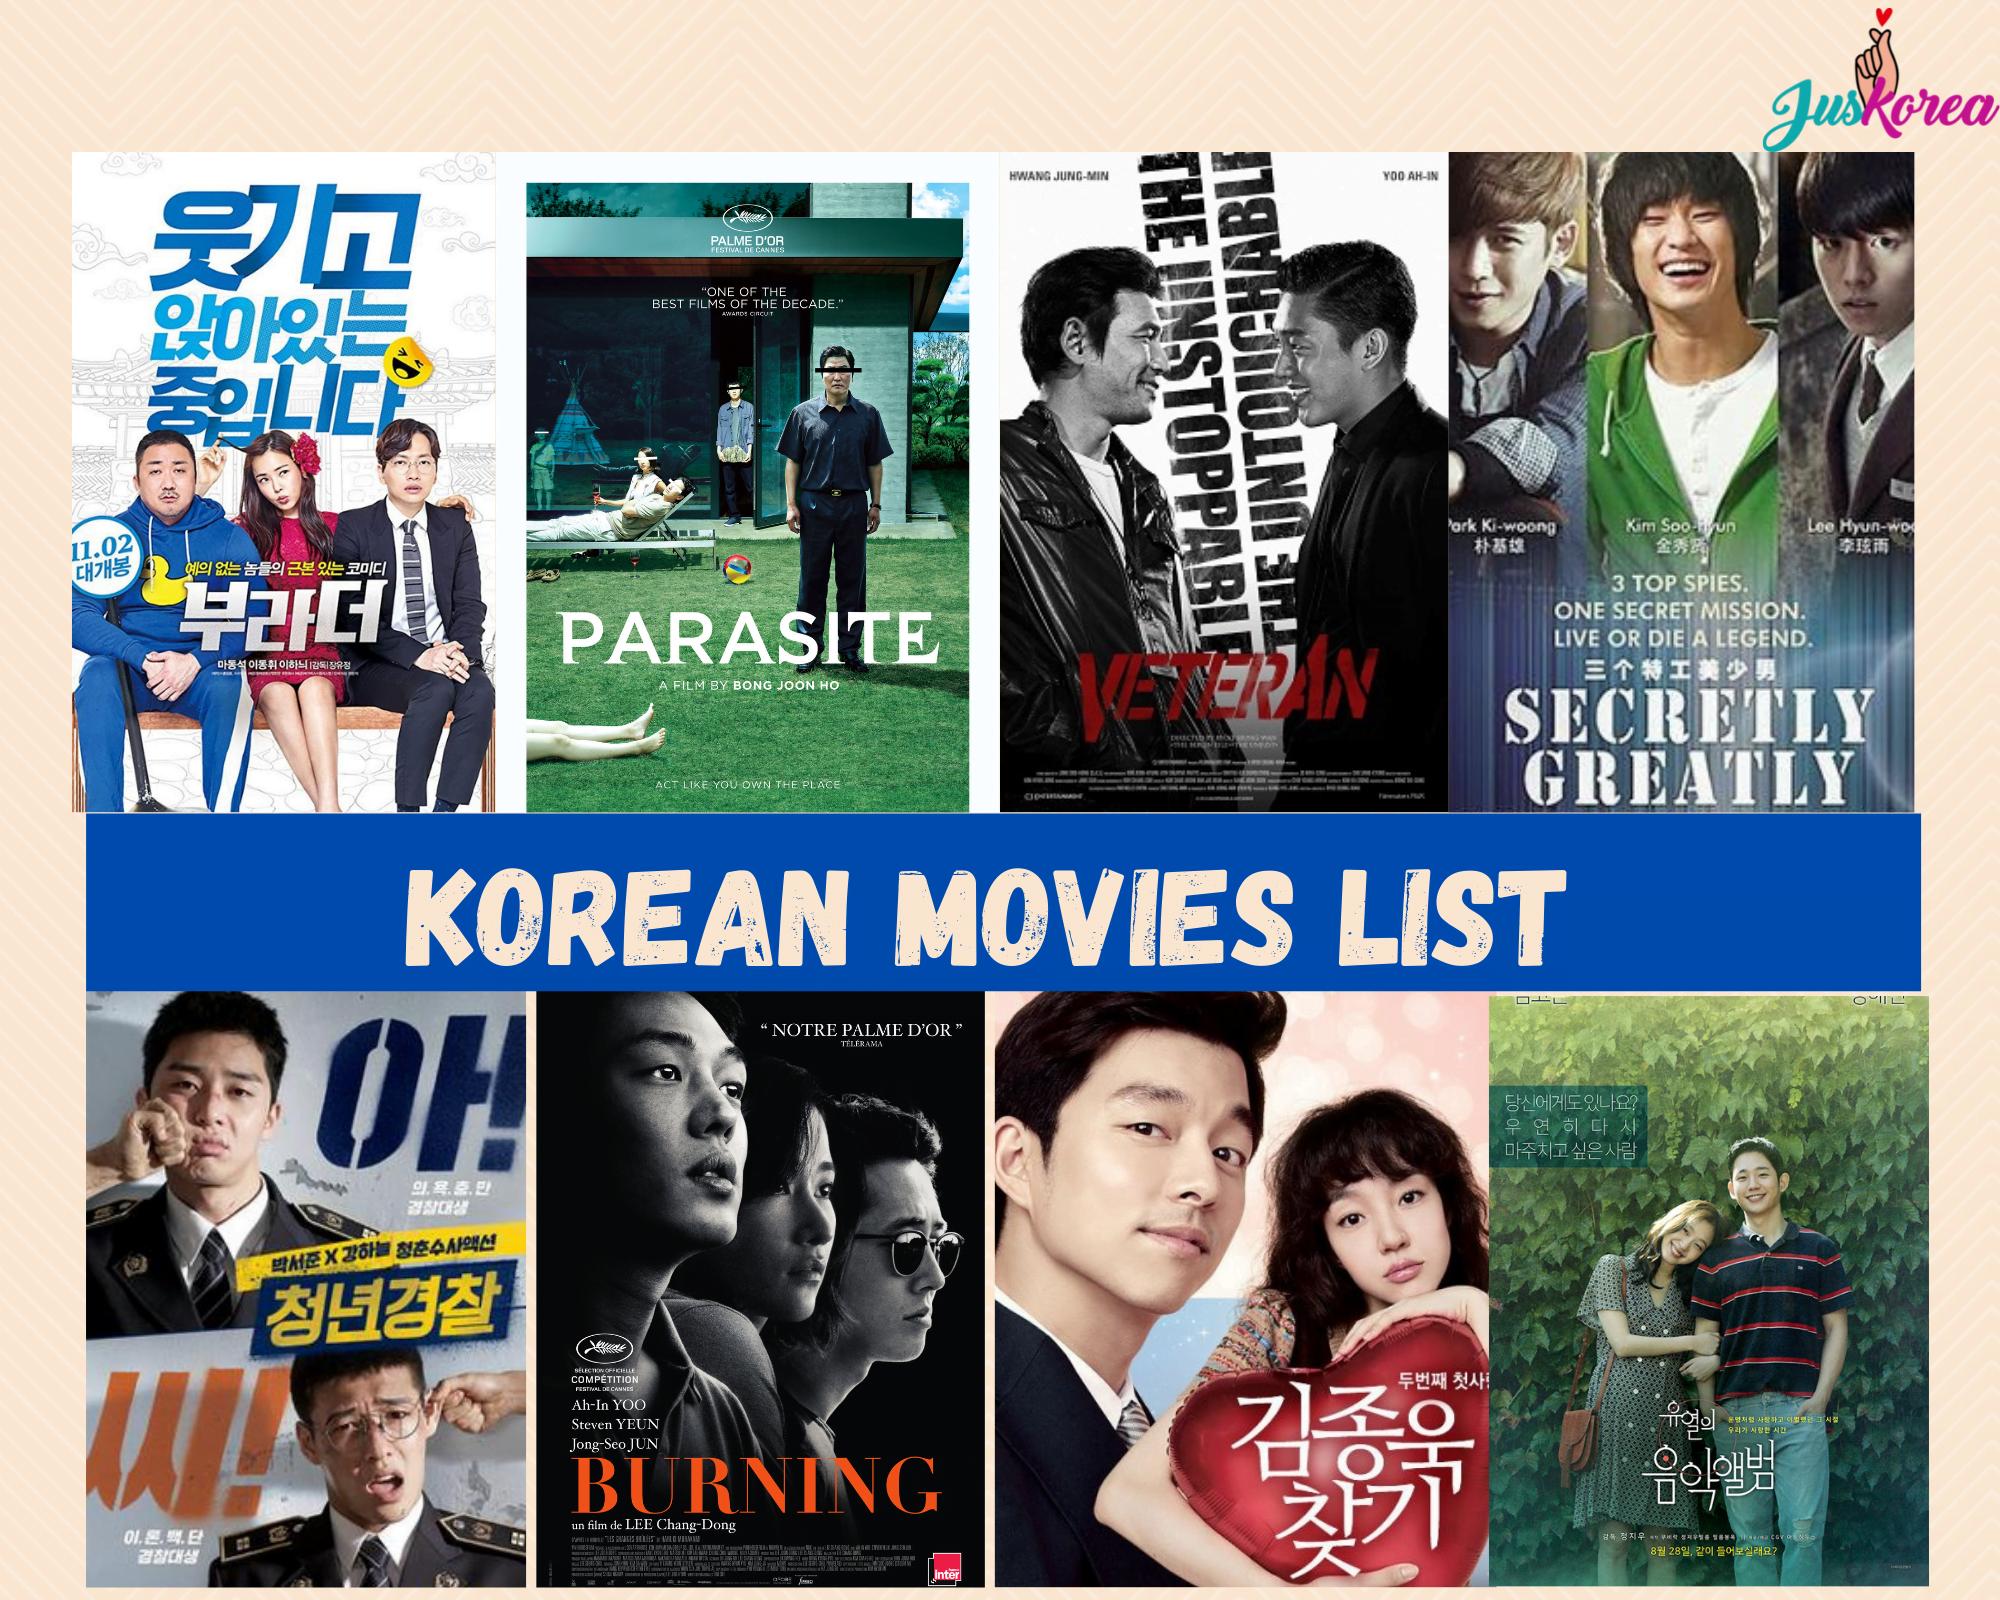 South Korean Movies Listing